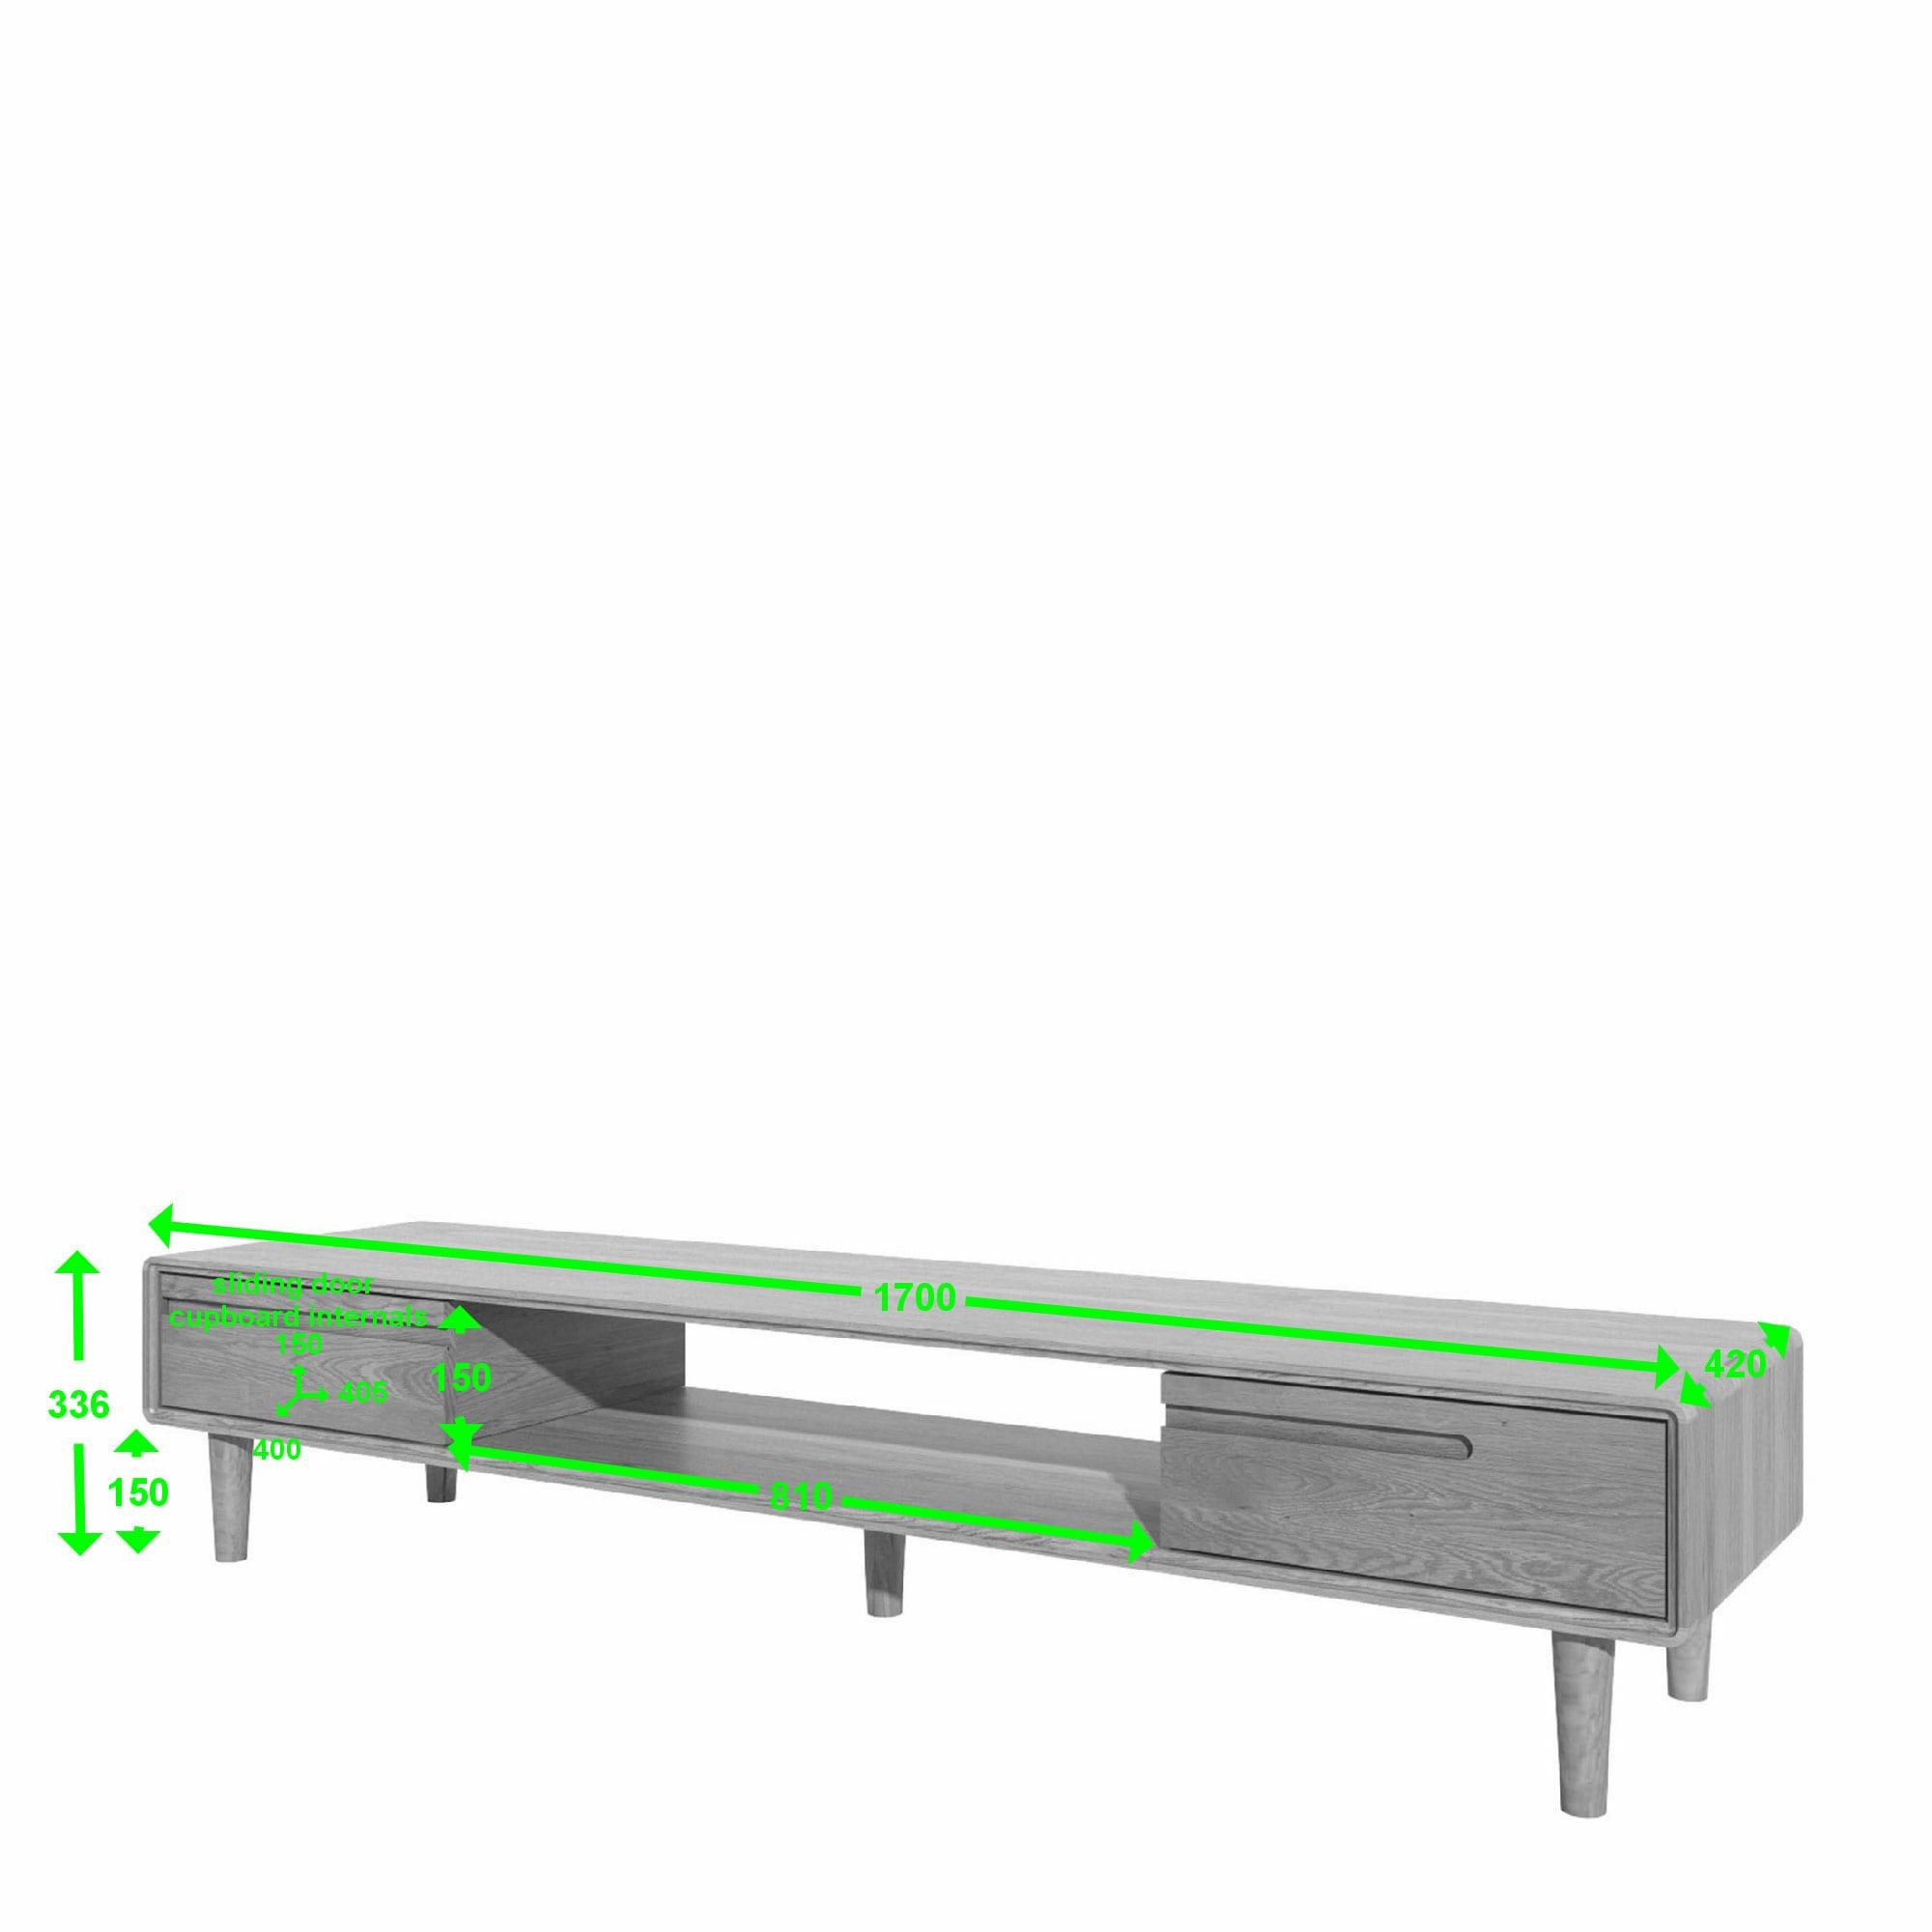 SCAWTV scandic oak wide tv unit measurements